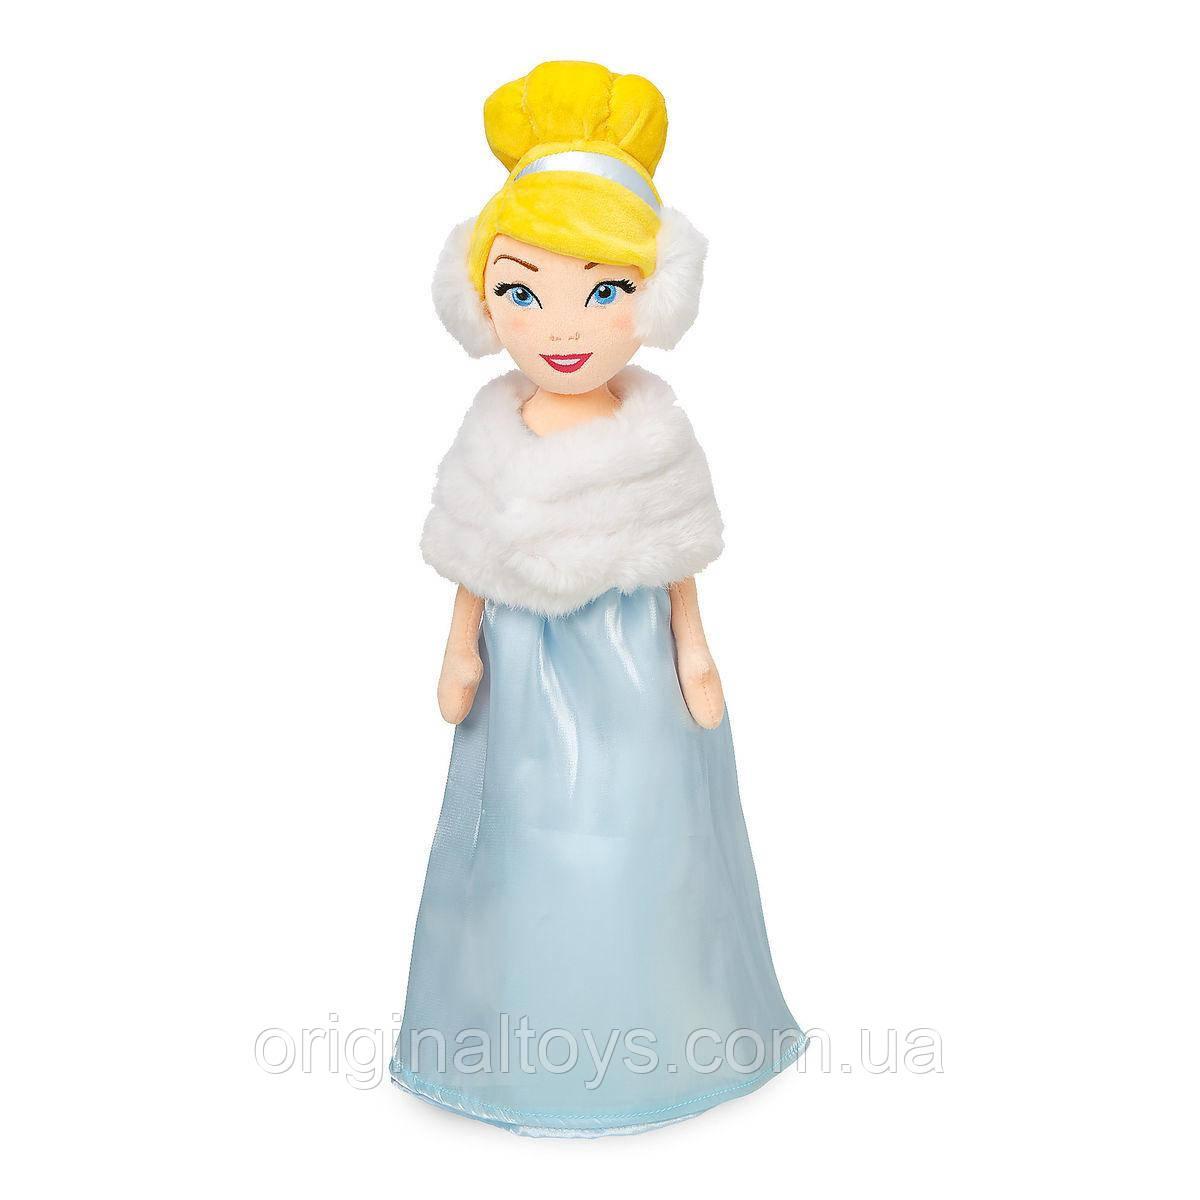 М'яка іграшка лялька Попелюшка в хутряній накидці Disney 48 см